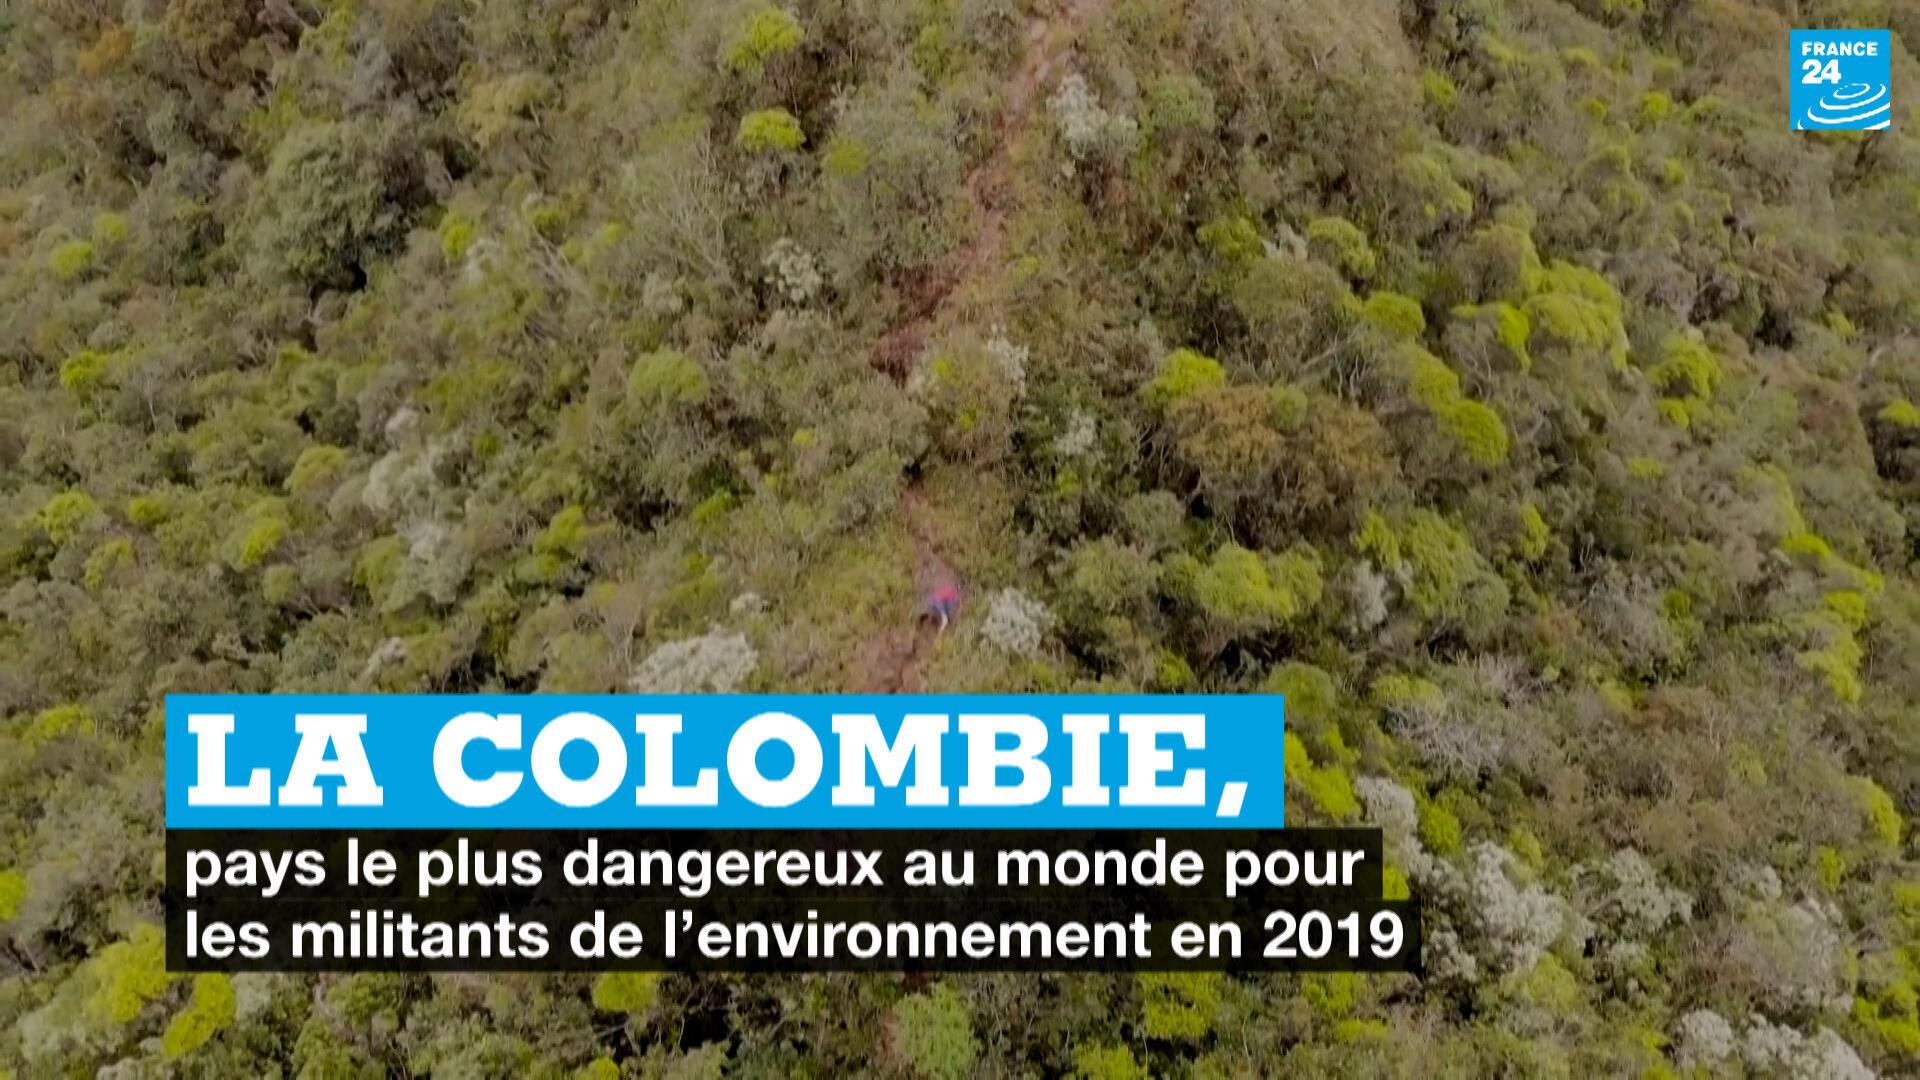 Selon le bilan annuel de l'ONG britannique Global Witness, 212 défenseurs de l'environnement ont été tués en 2019. Avec 64 assassinats en Colombie, le pays devient le plus dangereux pour les activistes écologistes.